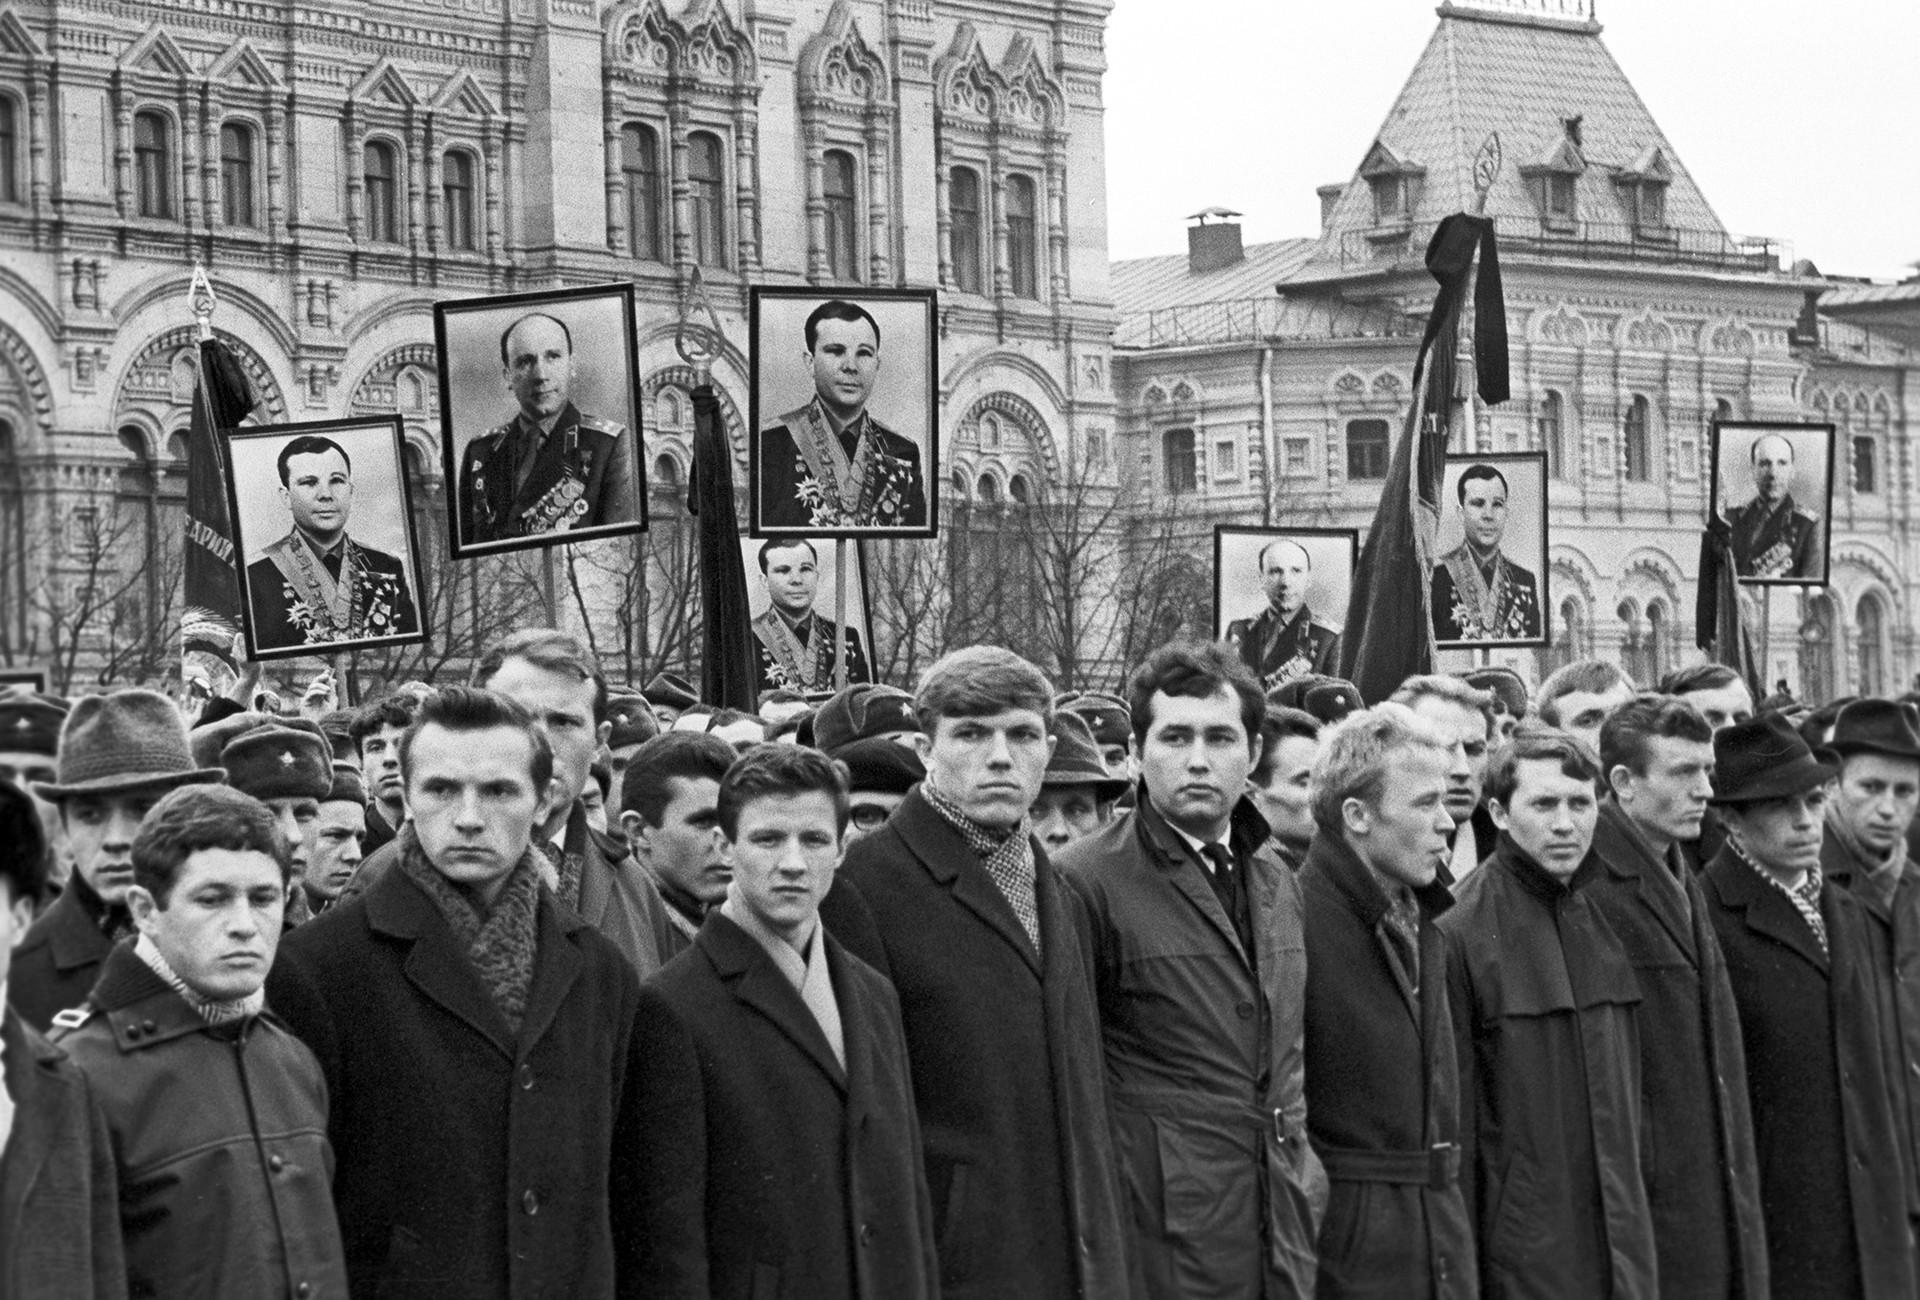 Luto por Gagarin em 30 de março de 1968.